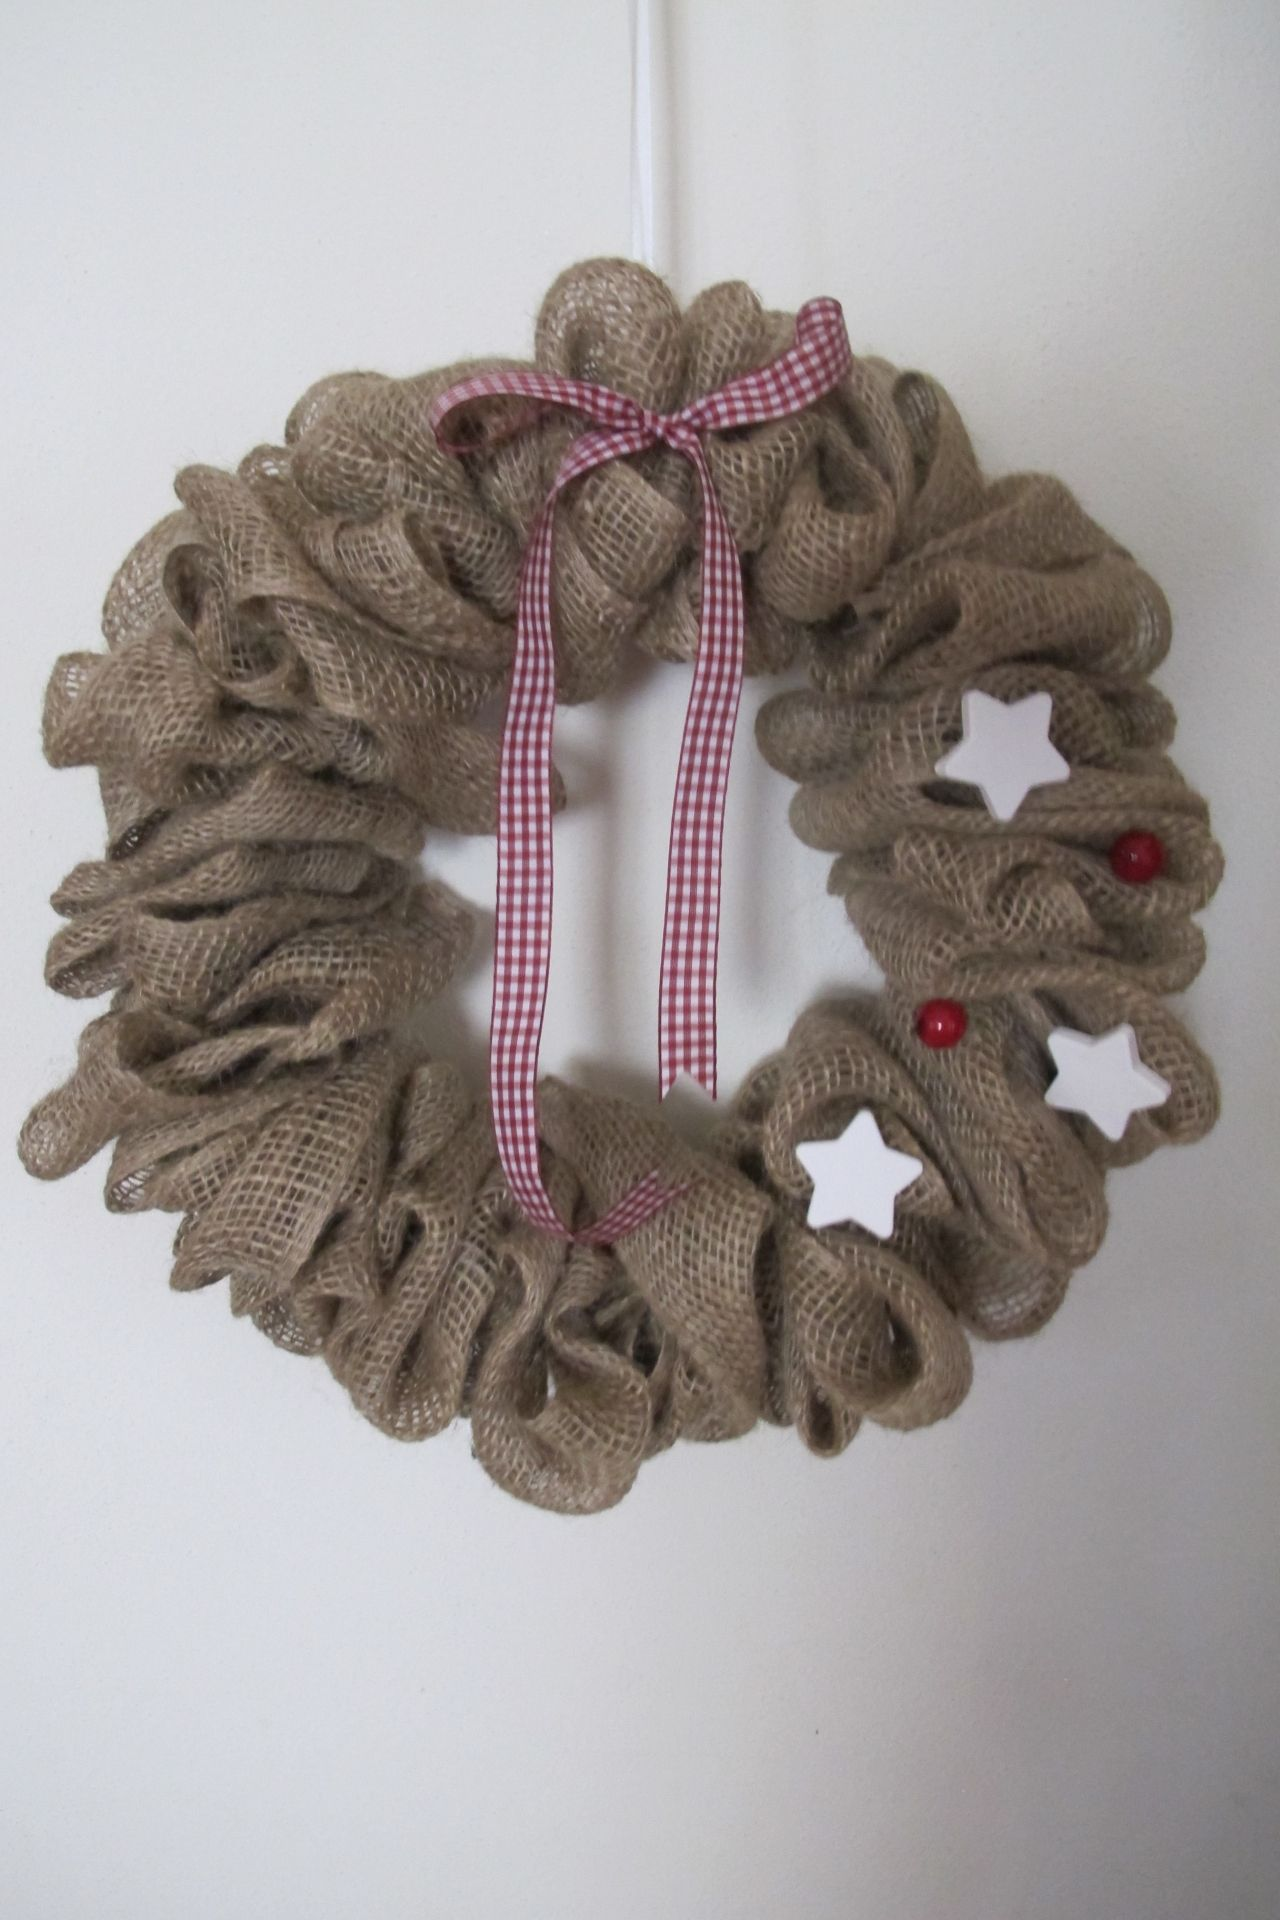 Corona in yuta ghirlande pinterest ghirlande natale - Ghirlanda natalizia per porta fai da te ...